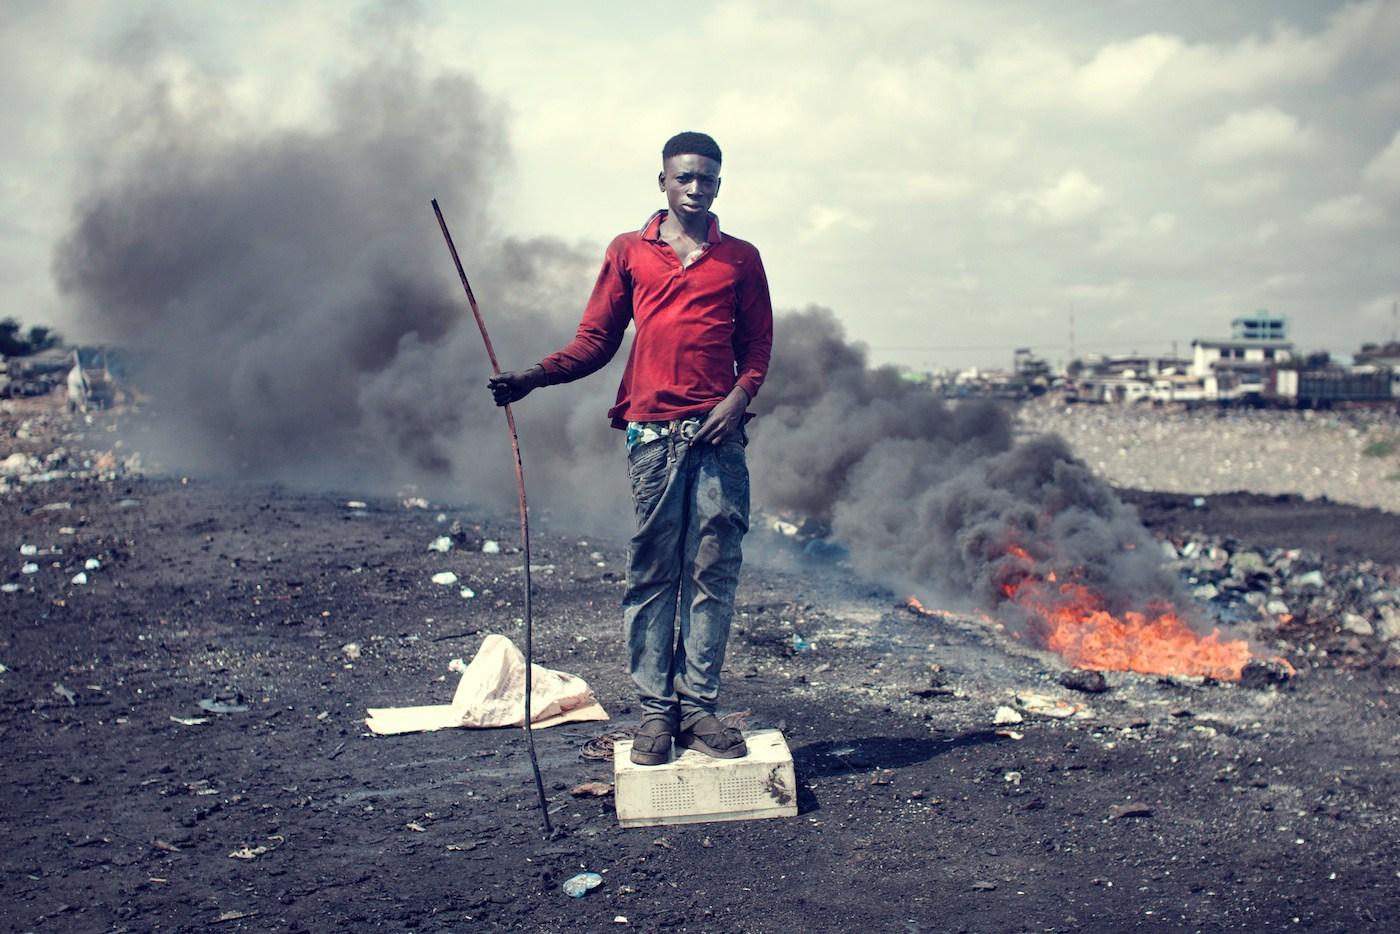 Agbogbloshie_KevinMcElvaney_Accra_e-waste-1